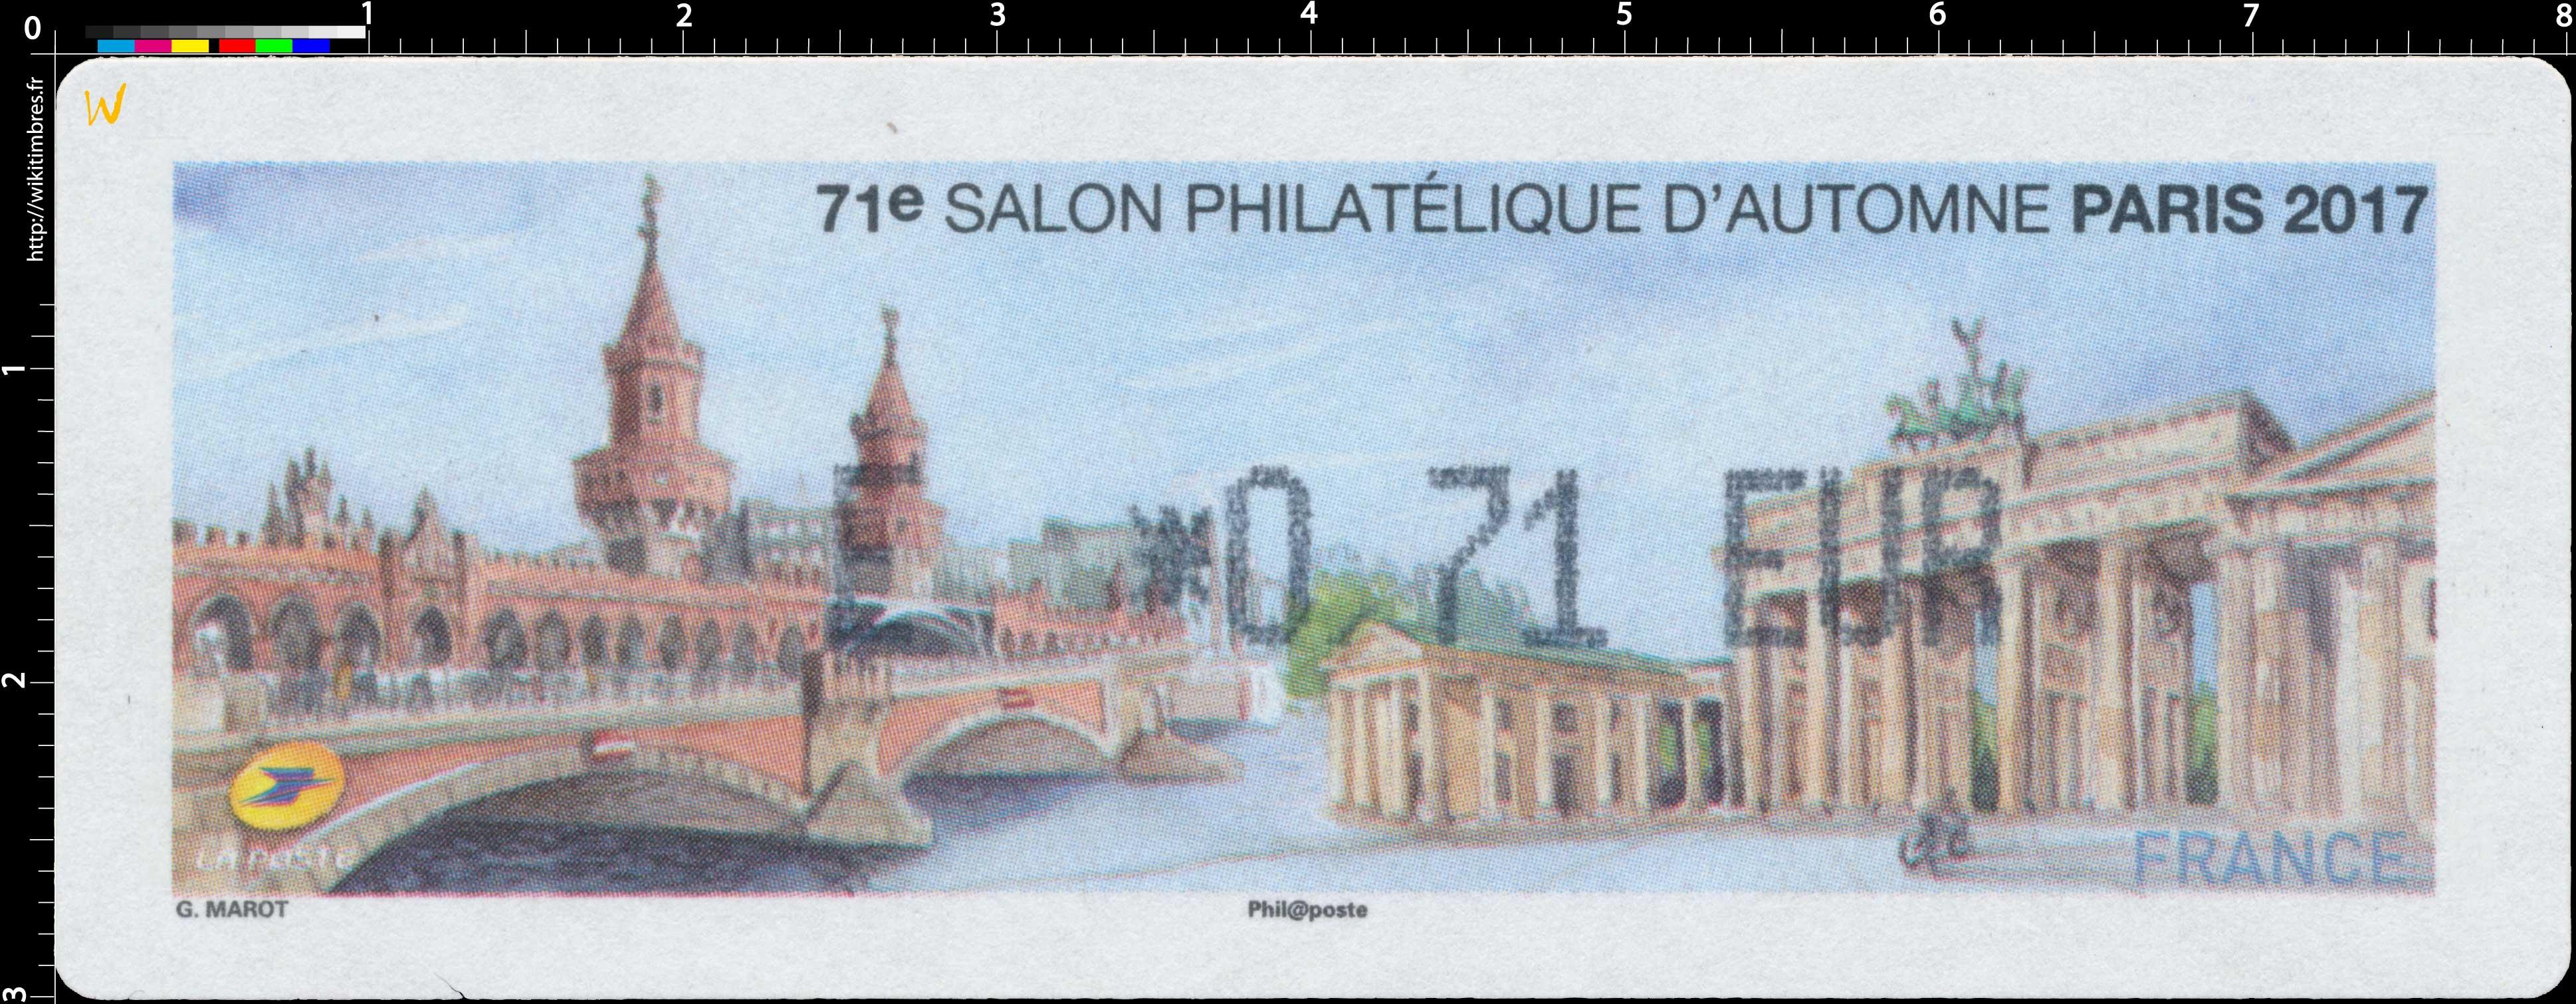 2017 71e Salon Philatélique d'Automne Paris